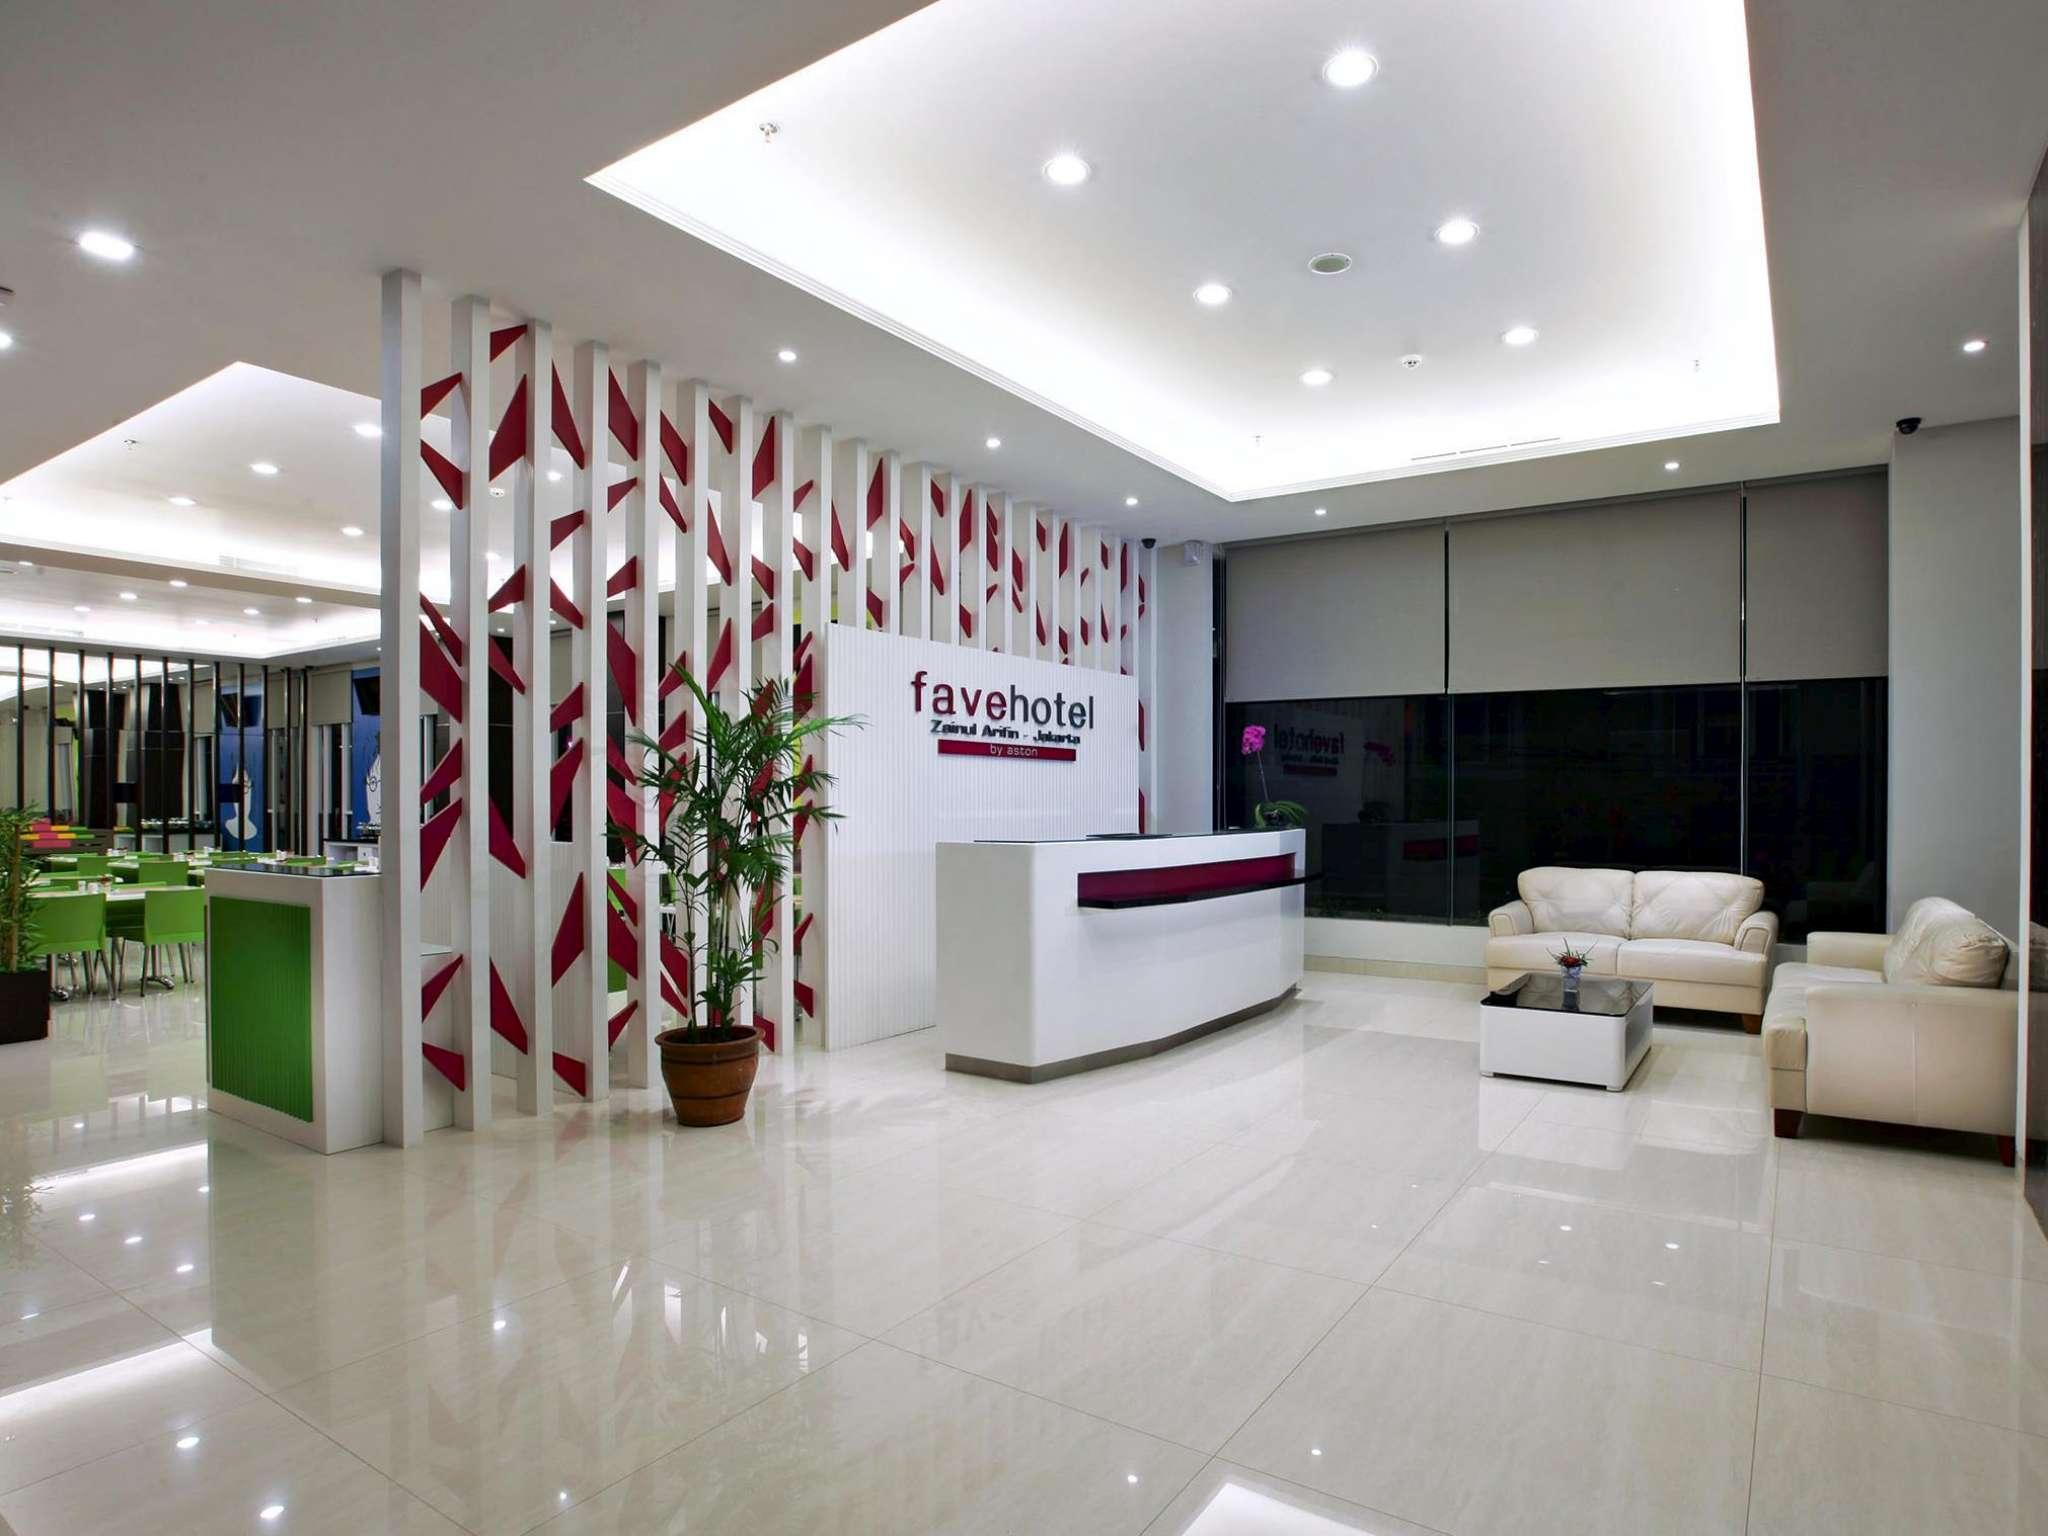 Favehotel Zainul Arifin Gajah Mada